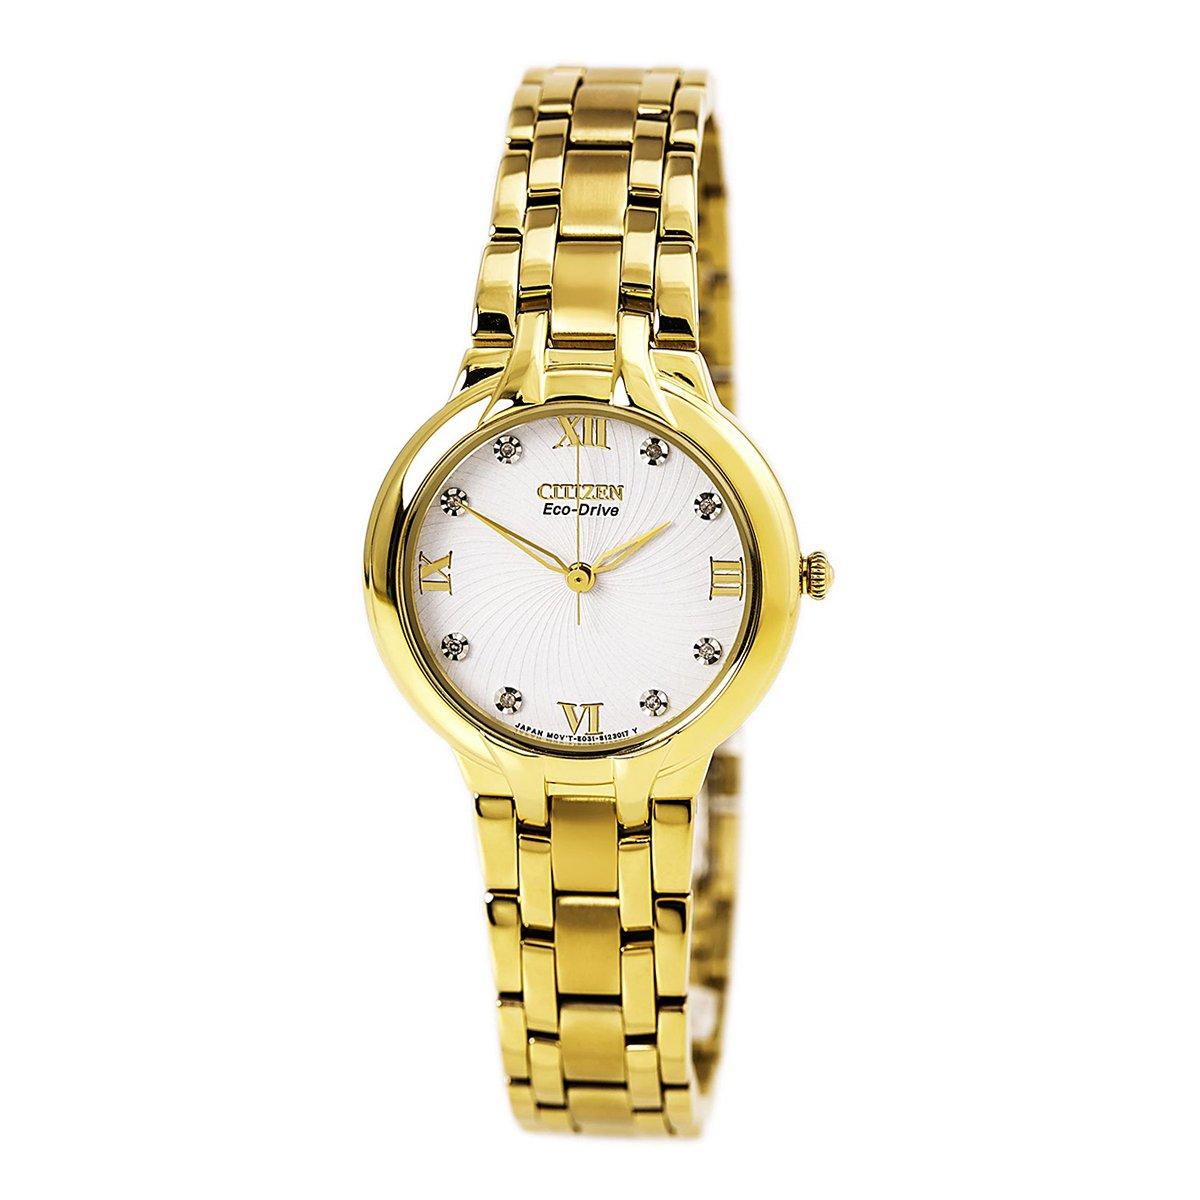 นาฬิกาผู้หญิง Citizen Eco-Drive รุ่น EM0132-59, Bella Gold Tone